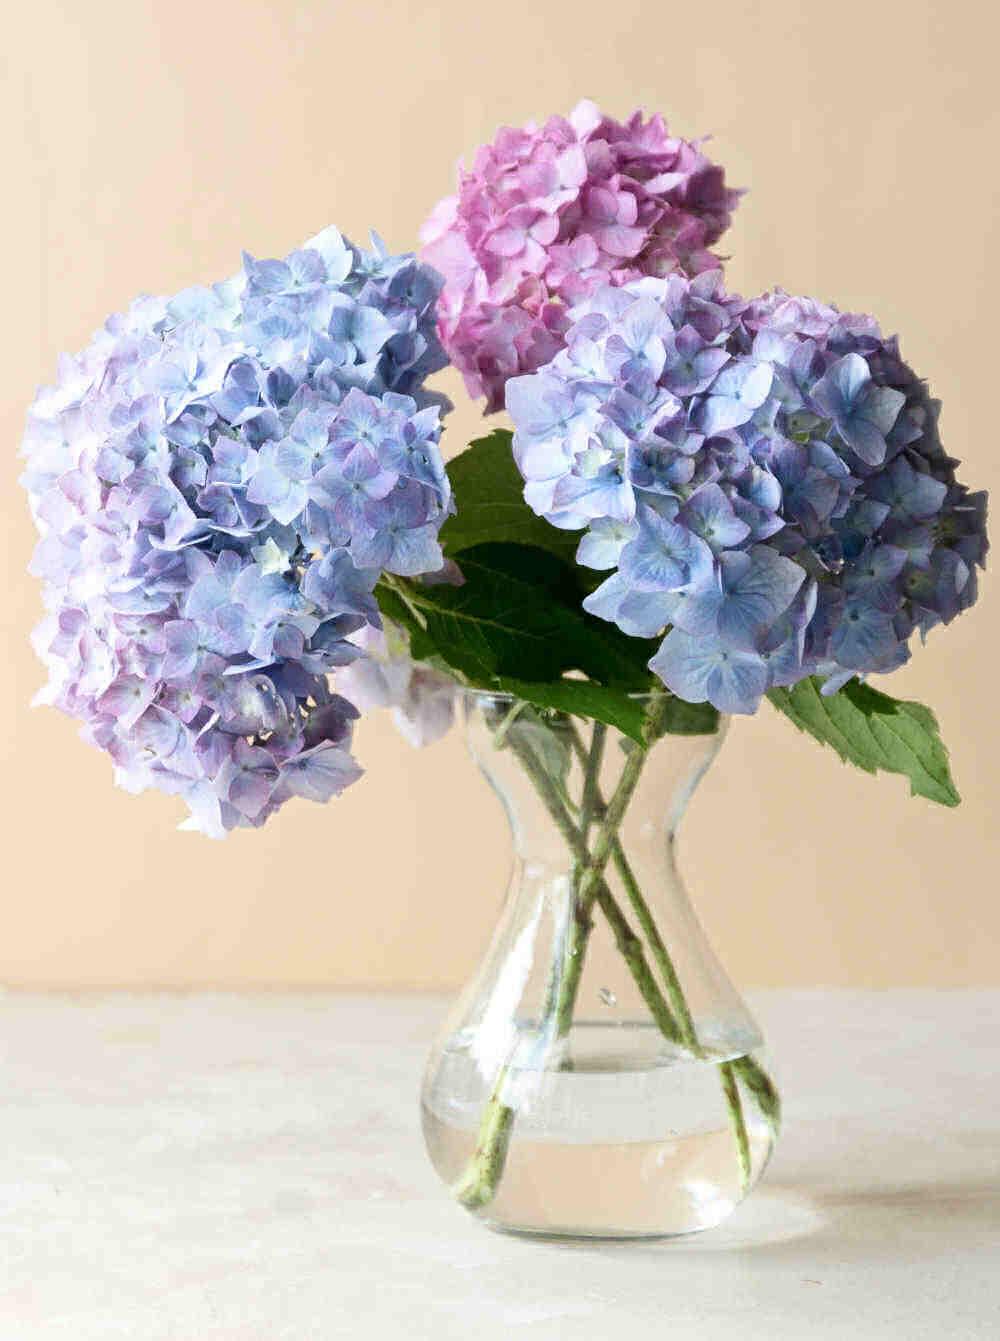 Cut hydrangea flowers in a clear vase.